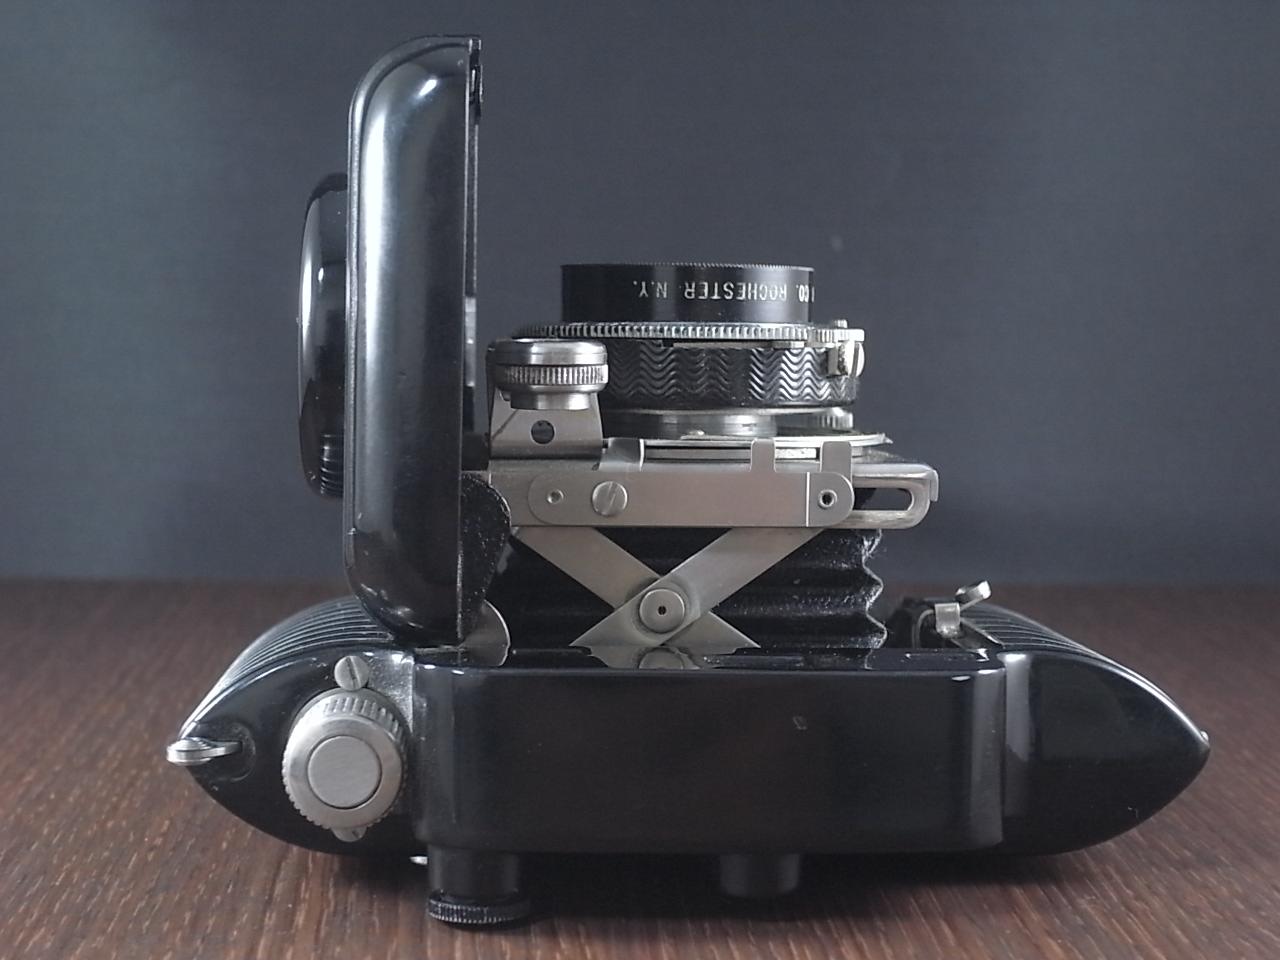 コダック アールデコカメラ バンタムスペシャル(前期)の写真6枚目